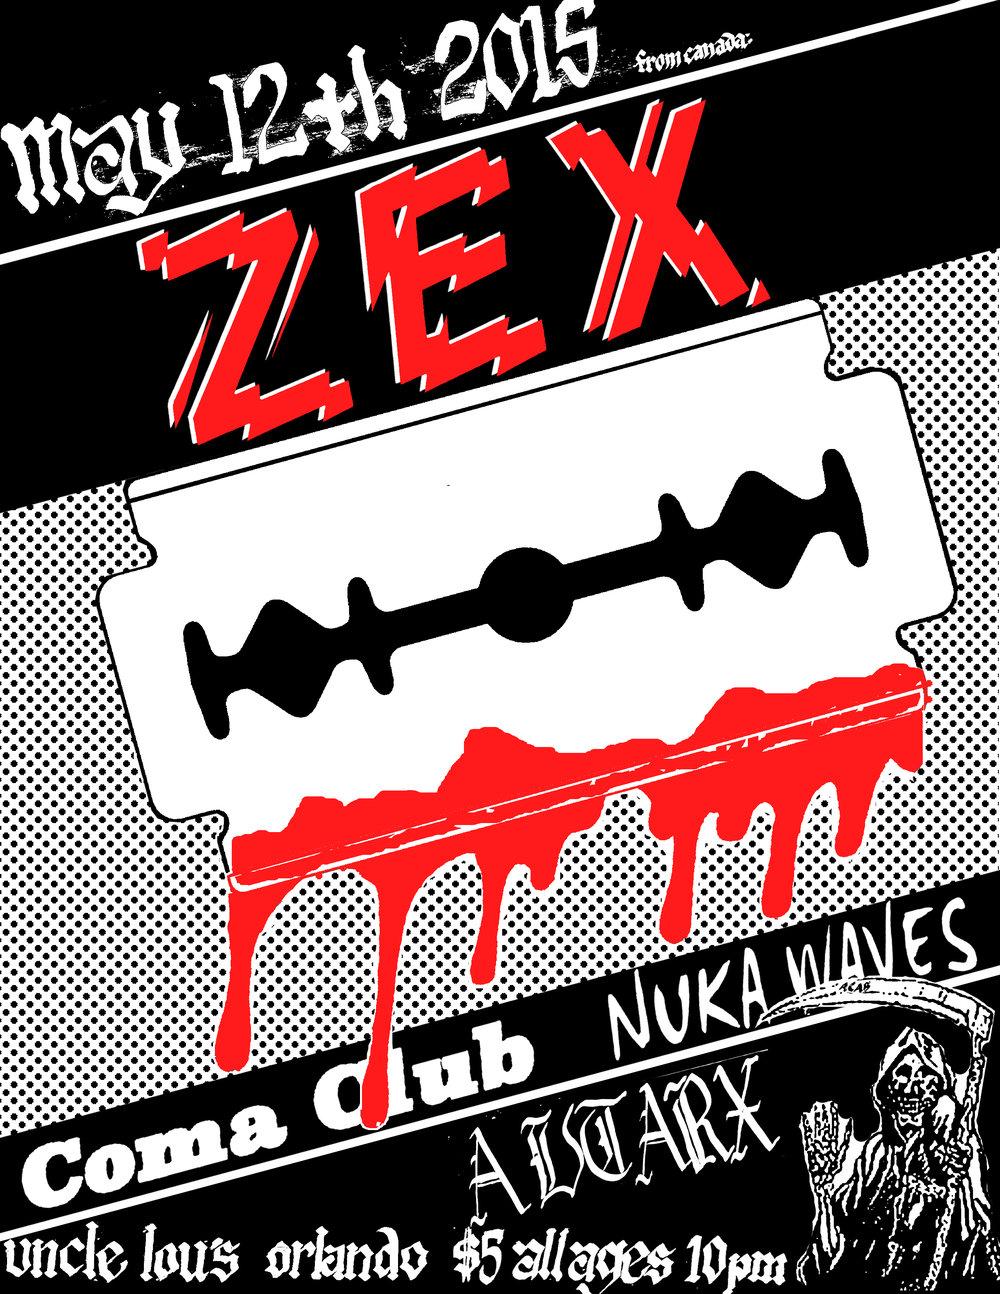 flyer-15.05.12-orlando-zex-red.jpg